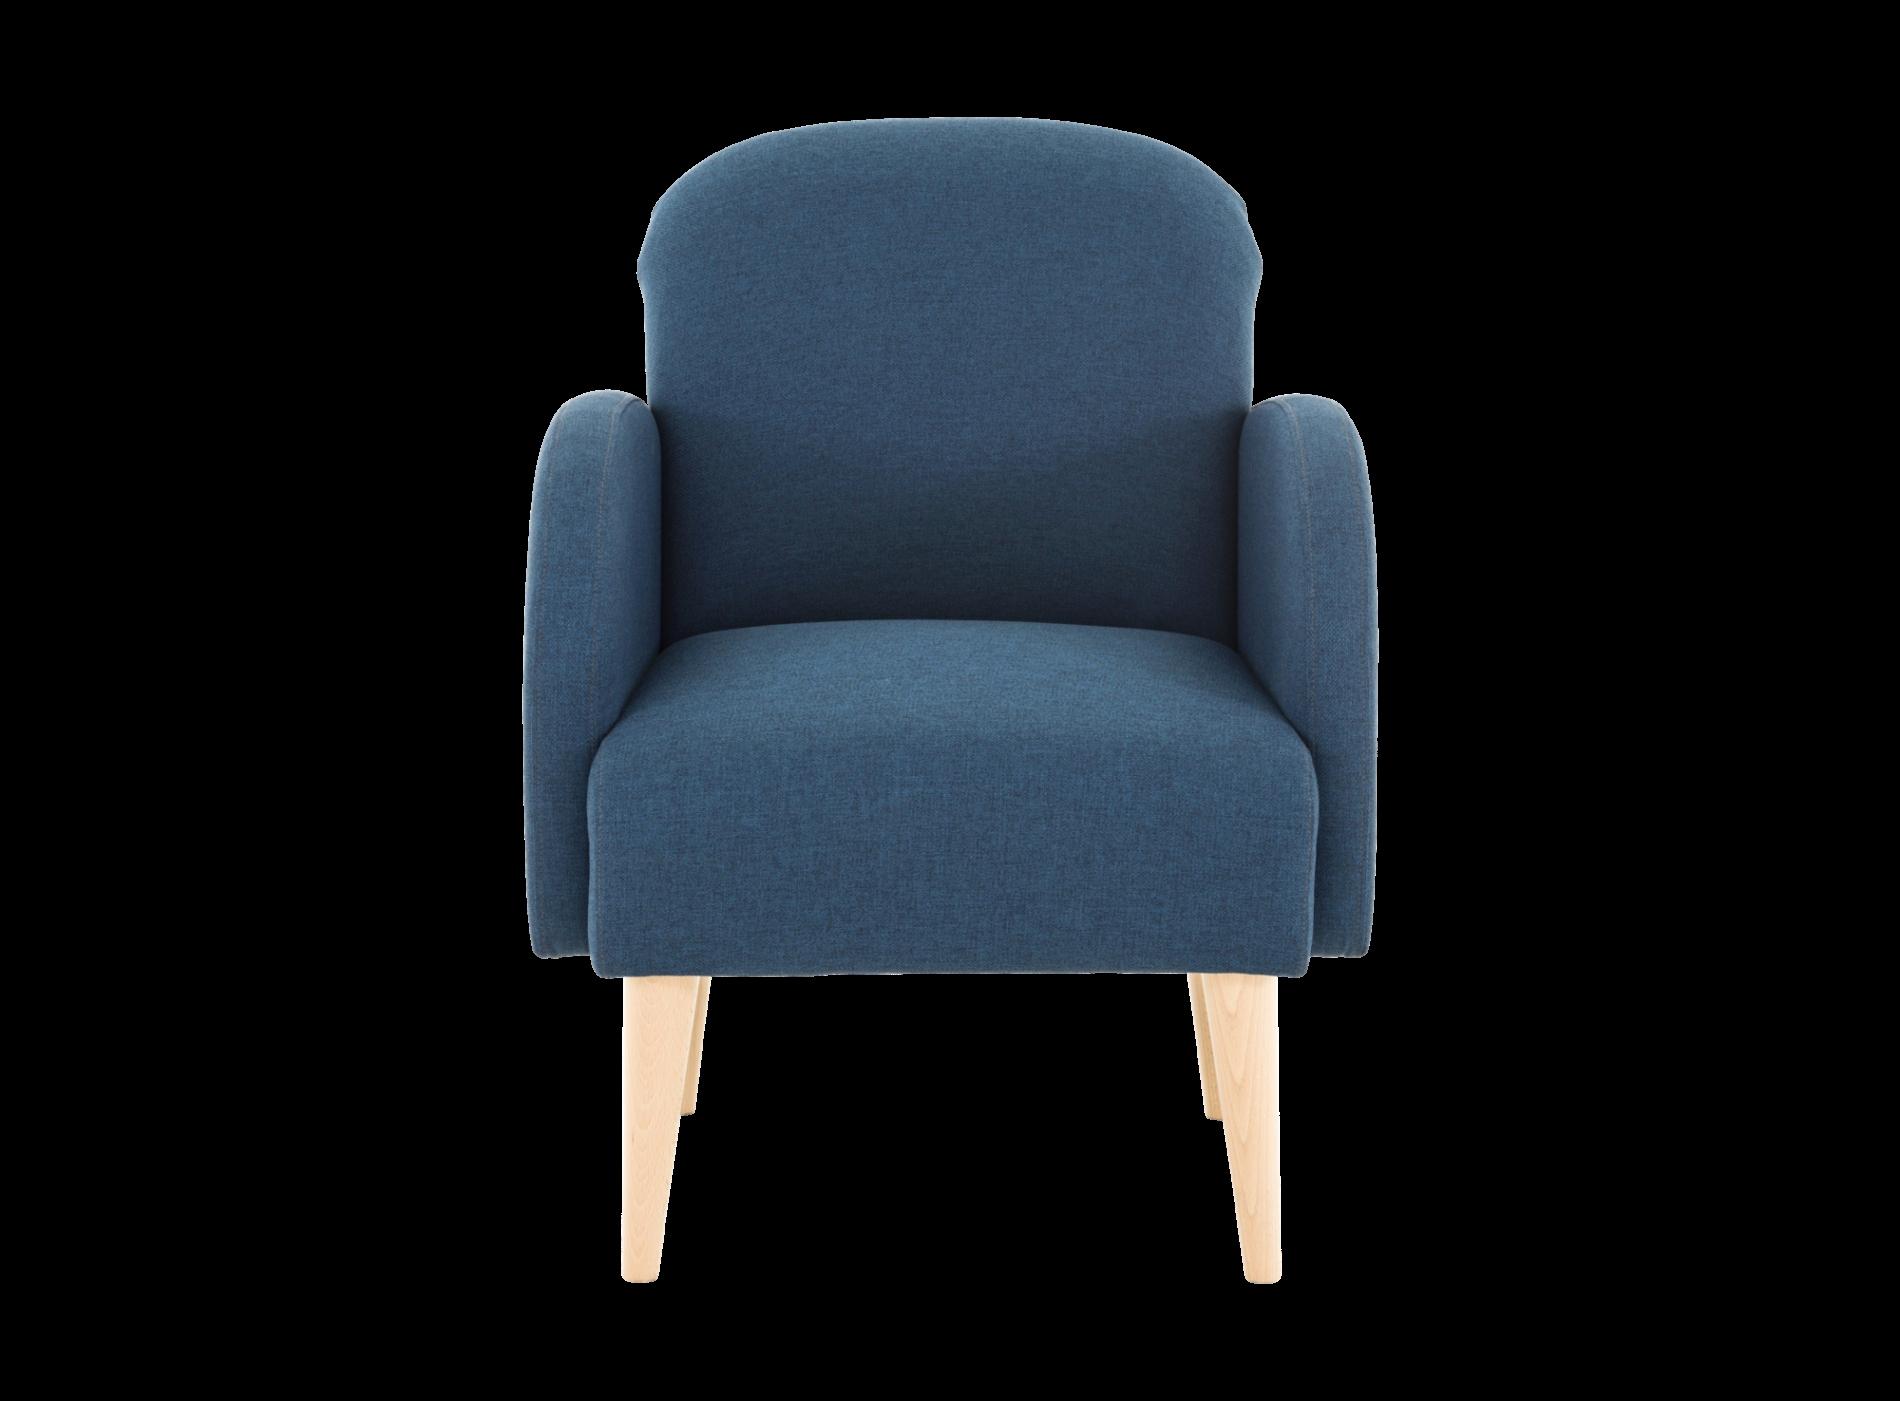 Fauteuil De Table Best Of Fauteuil Bleu Scandinave Luxe Chaise Vintage Tissu Fauteuil